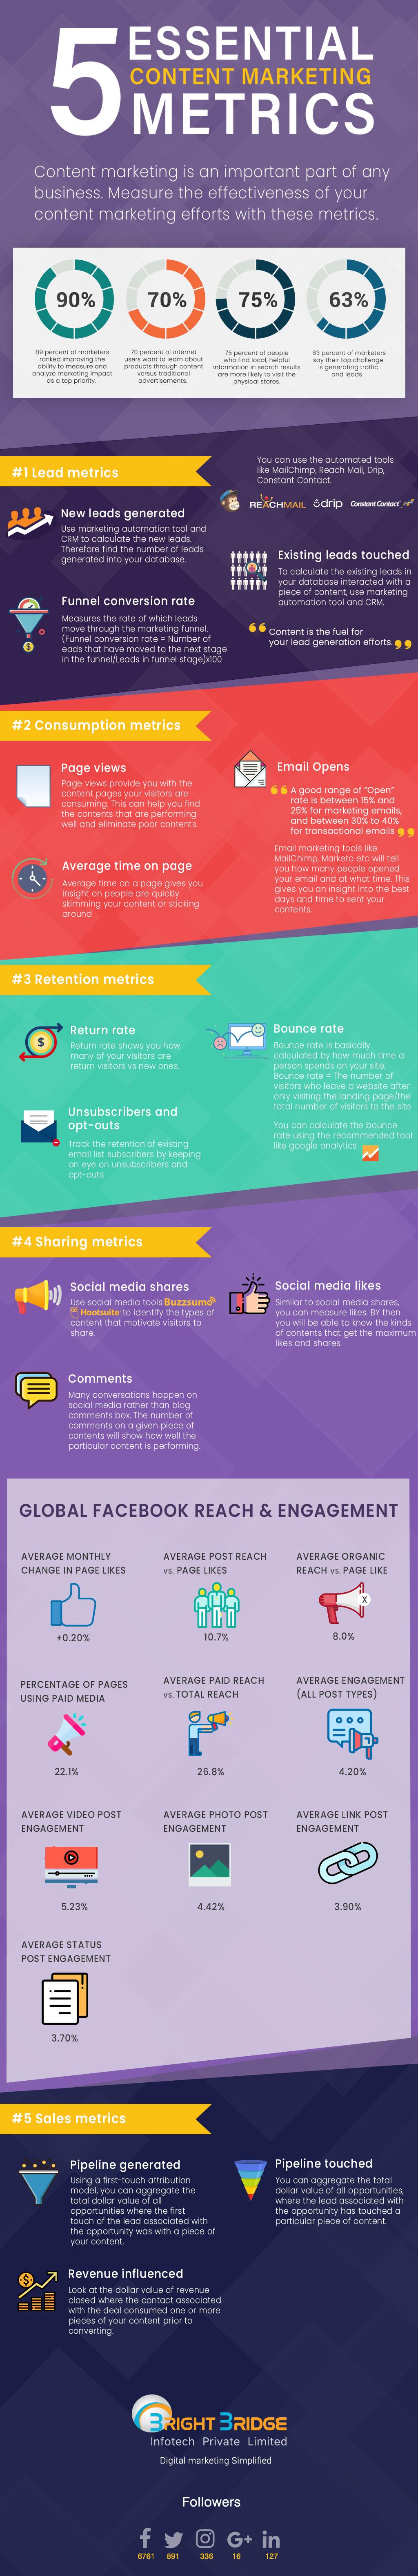 5 Essential Content Marketing Metrics